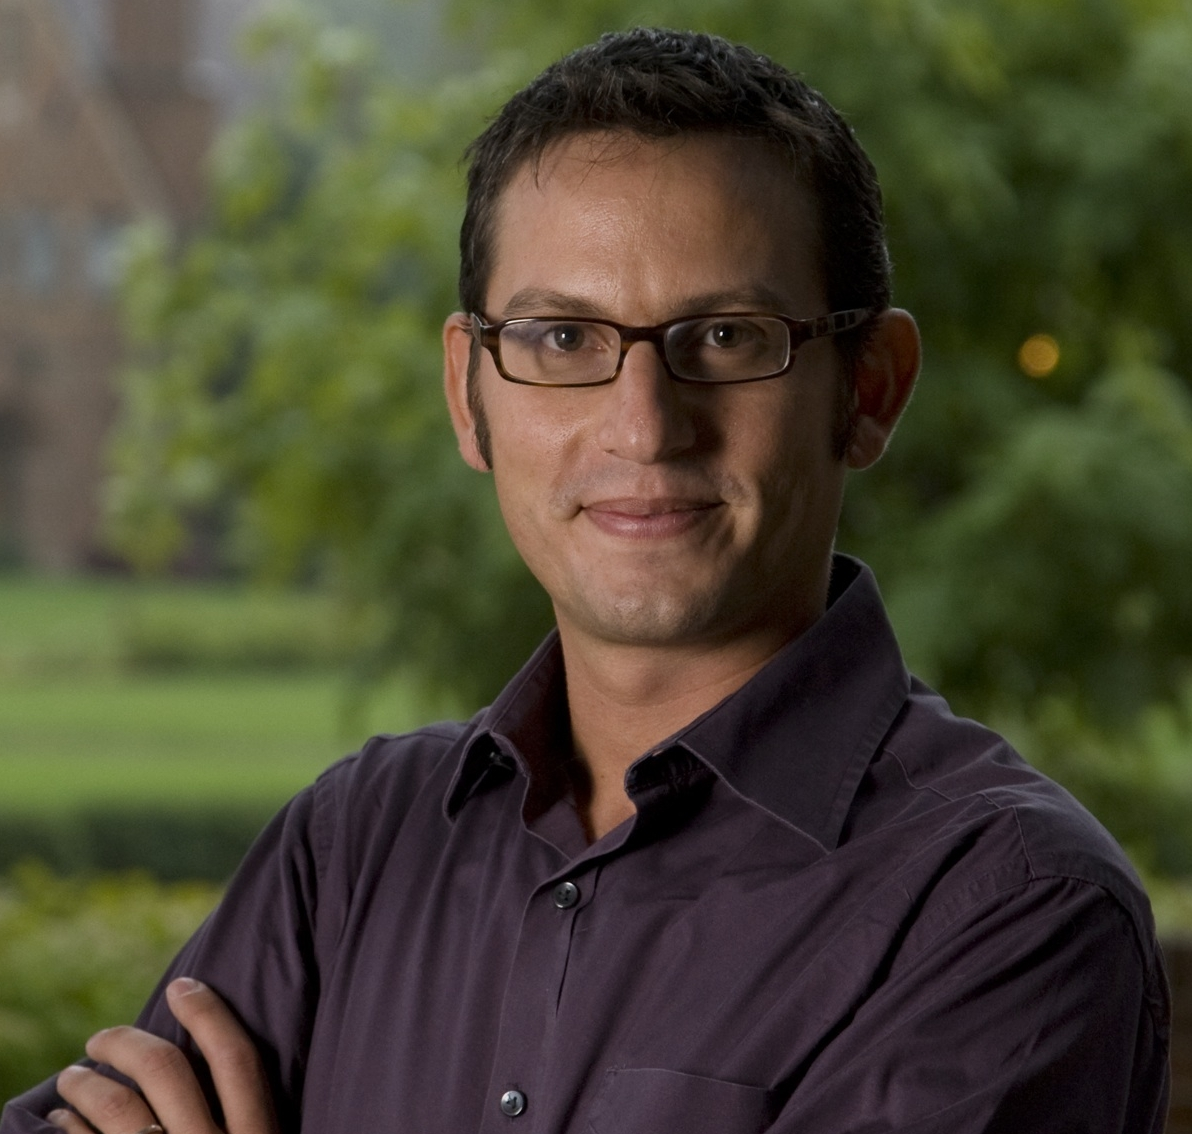 Adam Rovner headshot